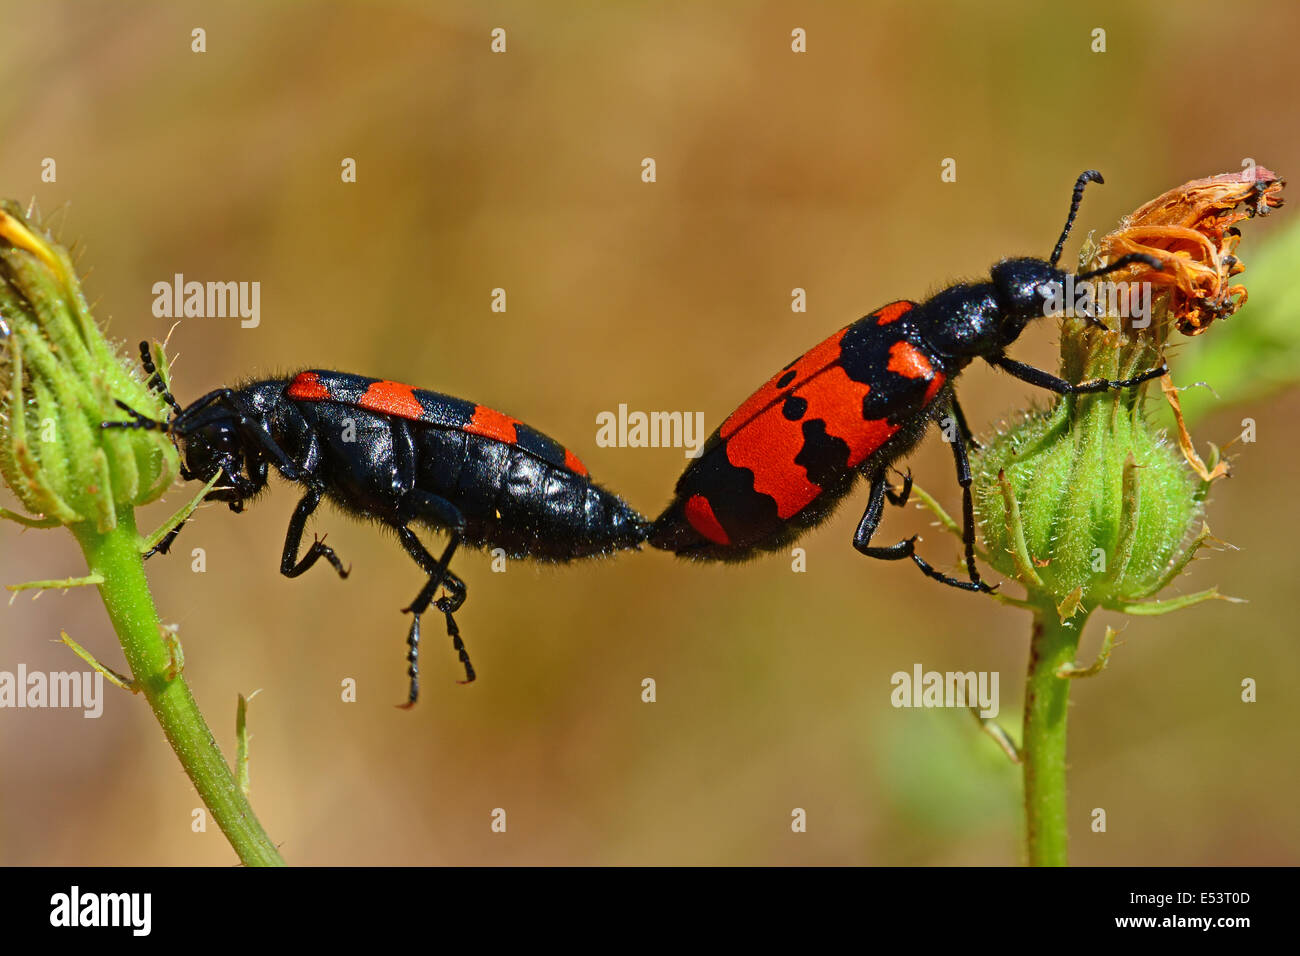 Beetles mating, Animal behavior - Stock Image